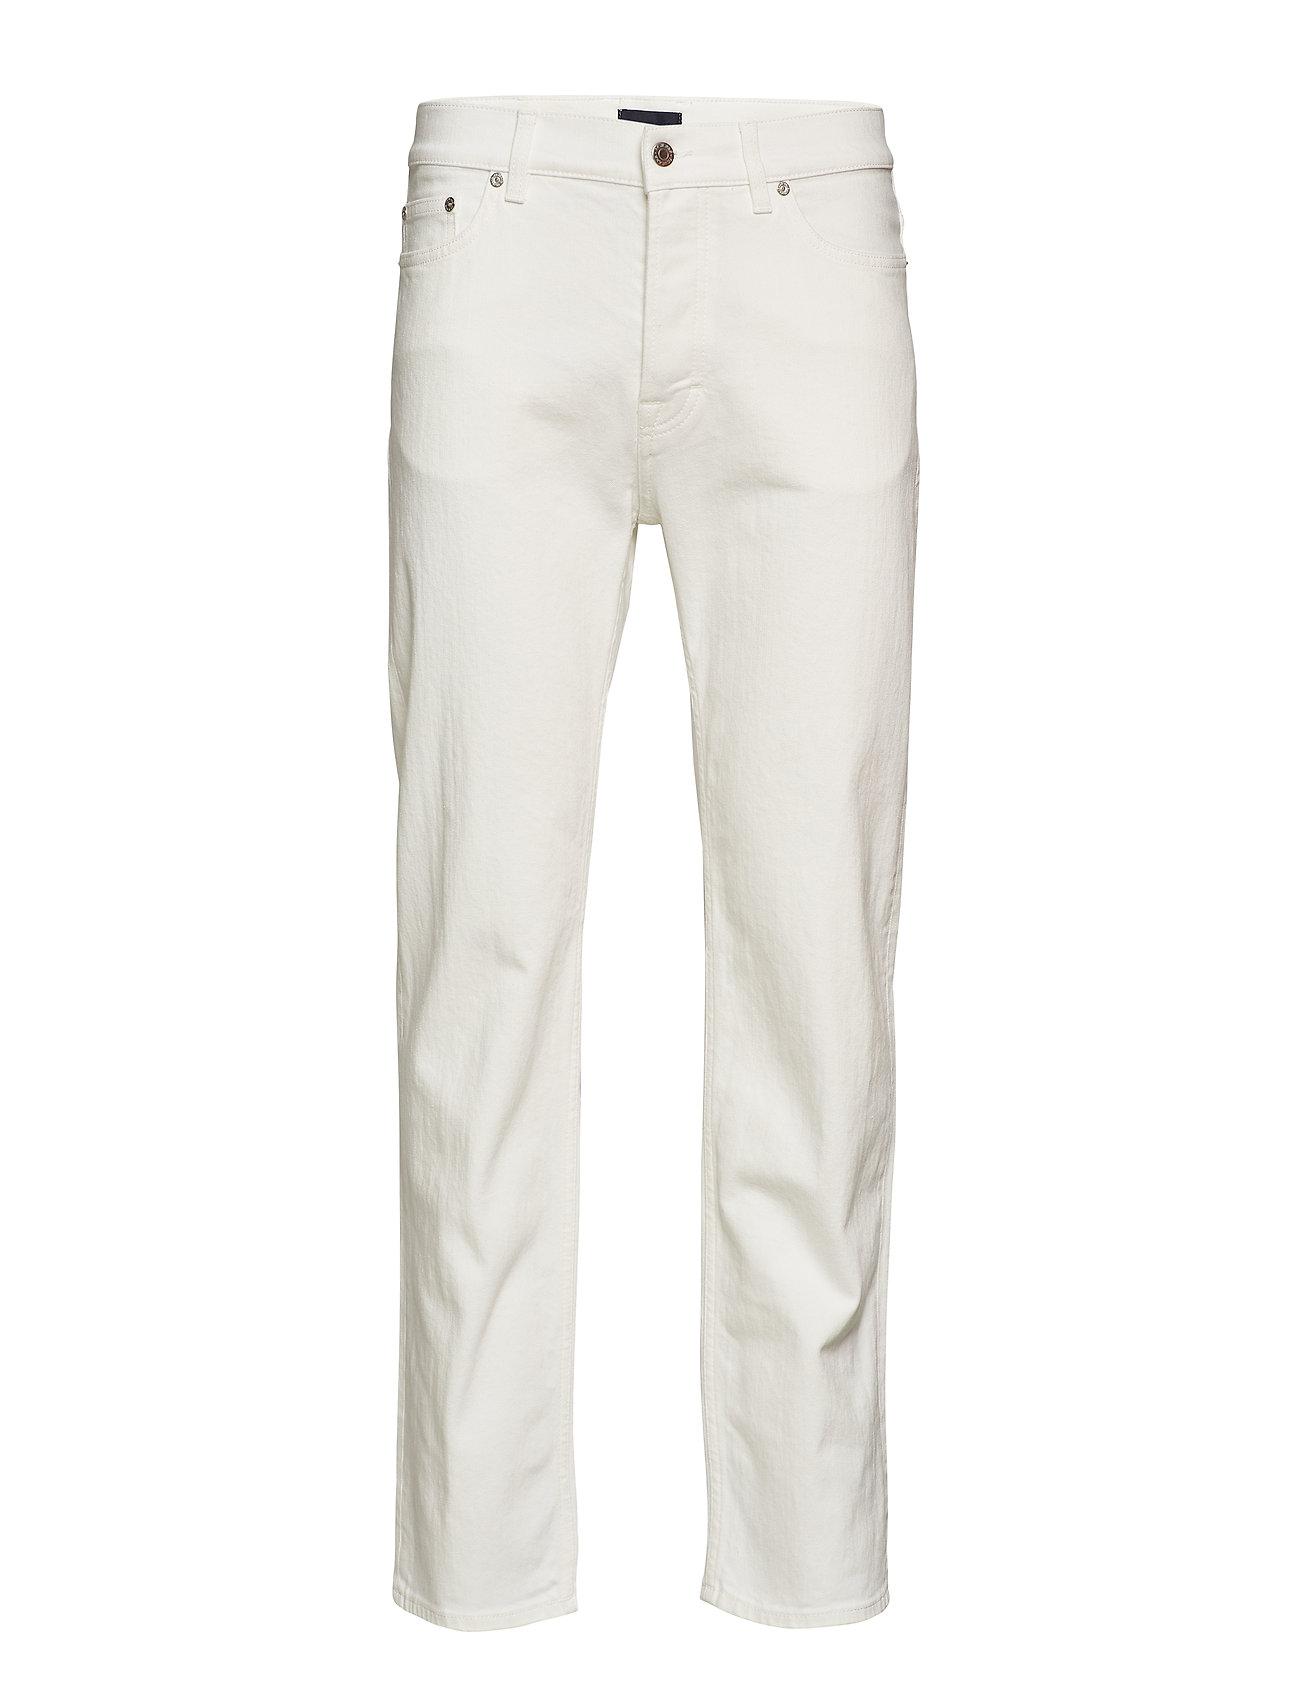 Filippa K M. Benji Jeans - NATURAL DE